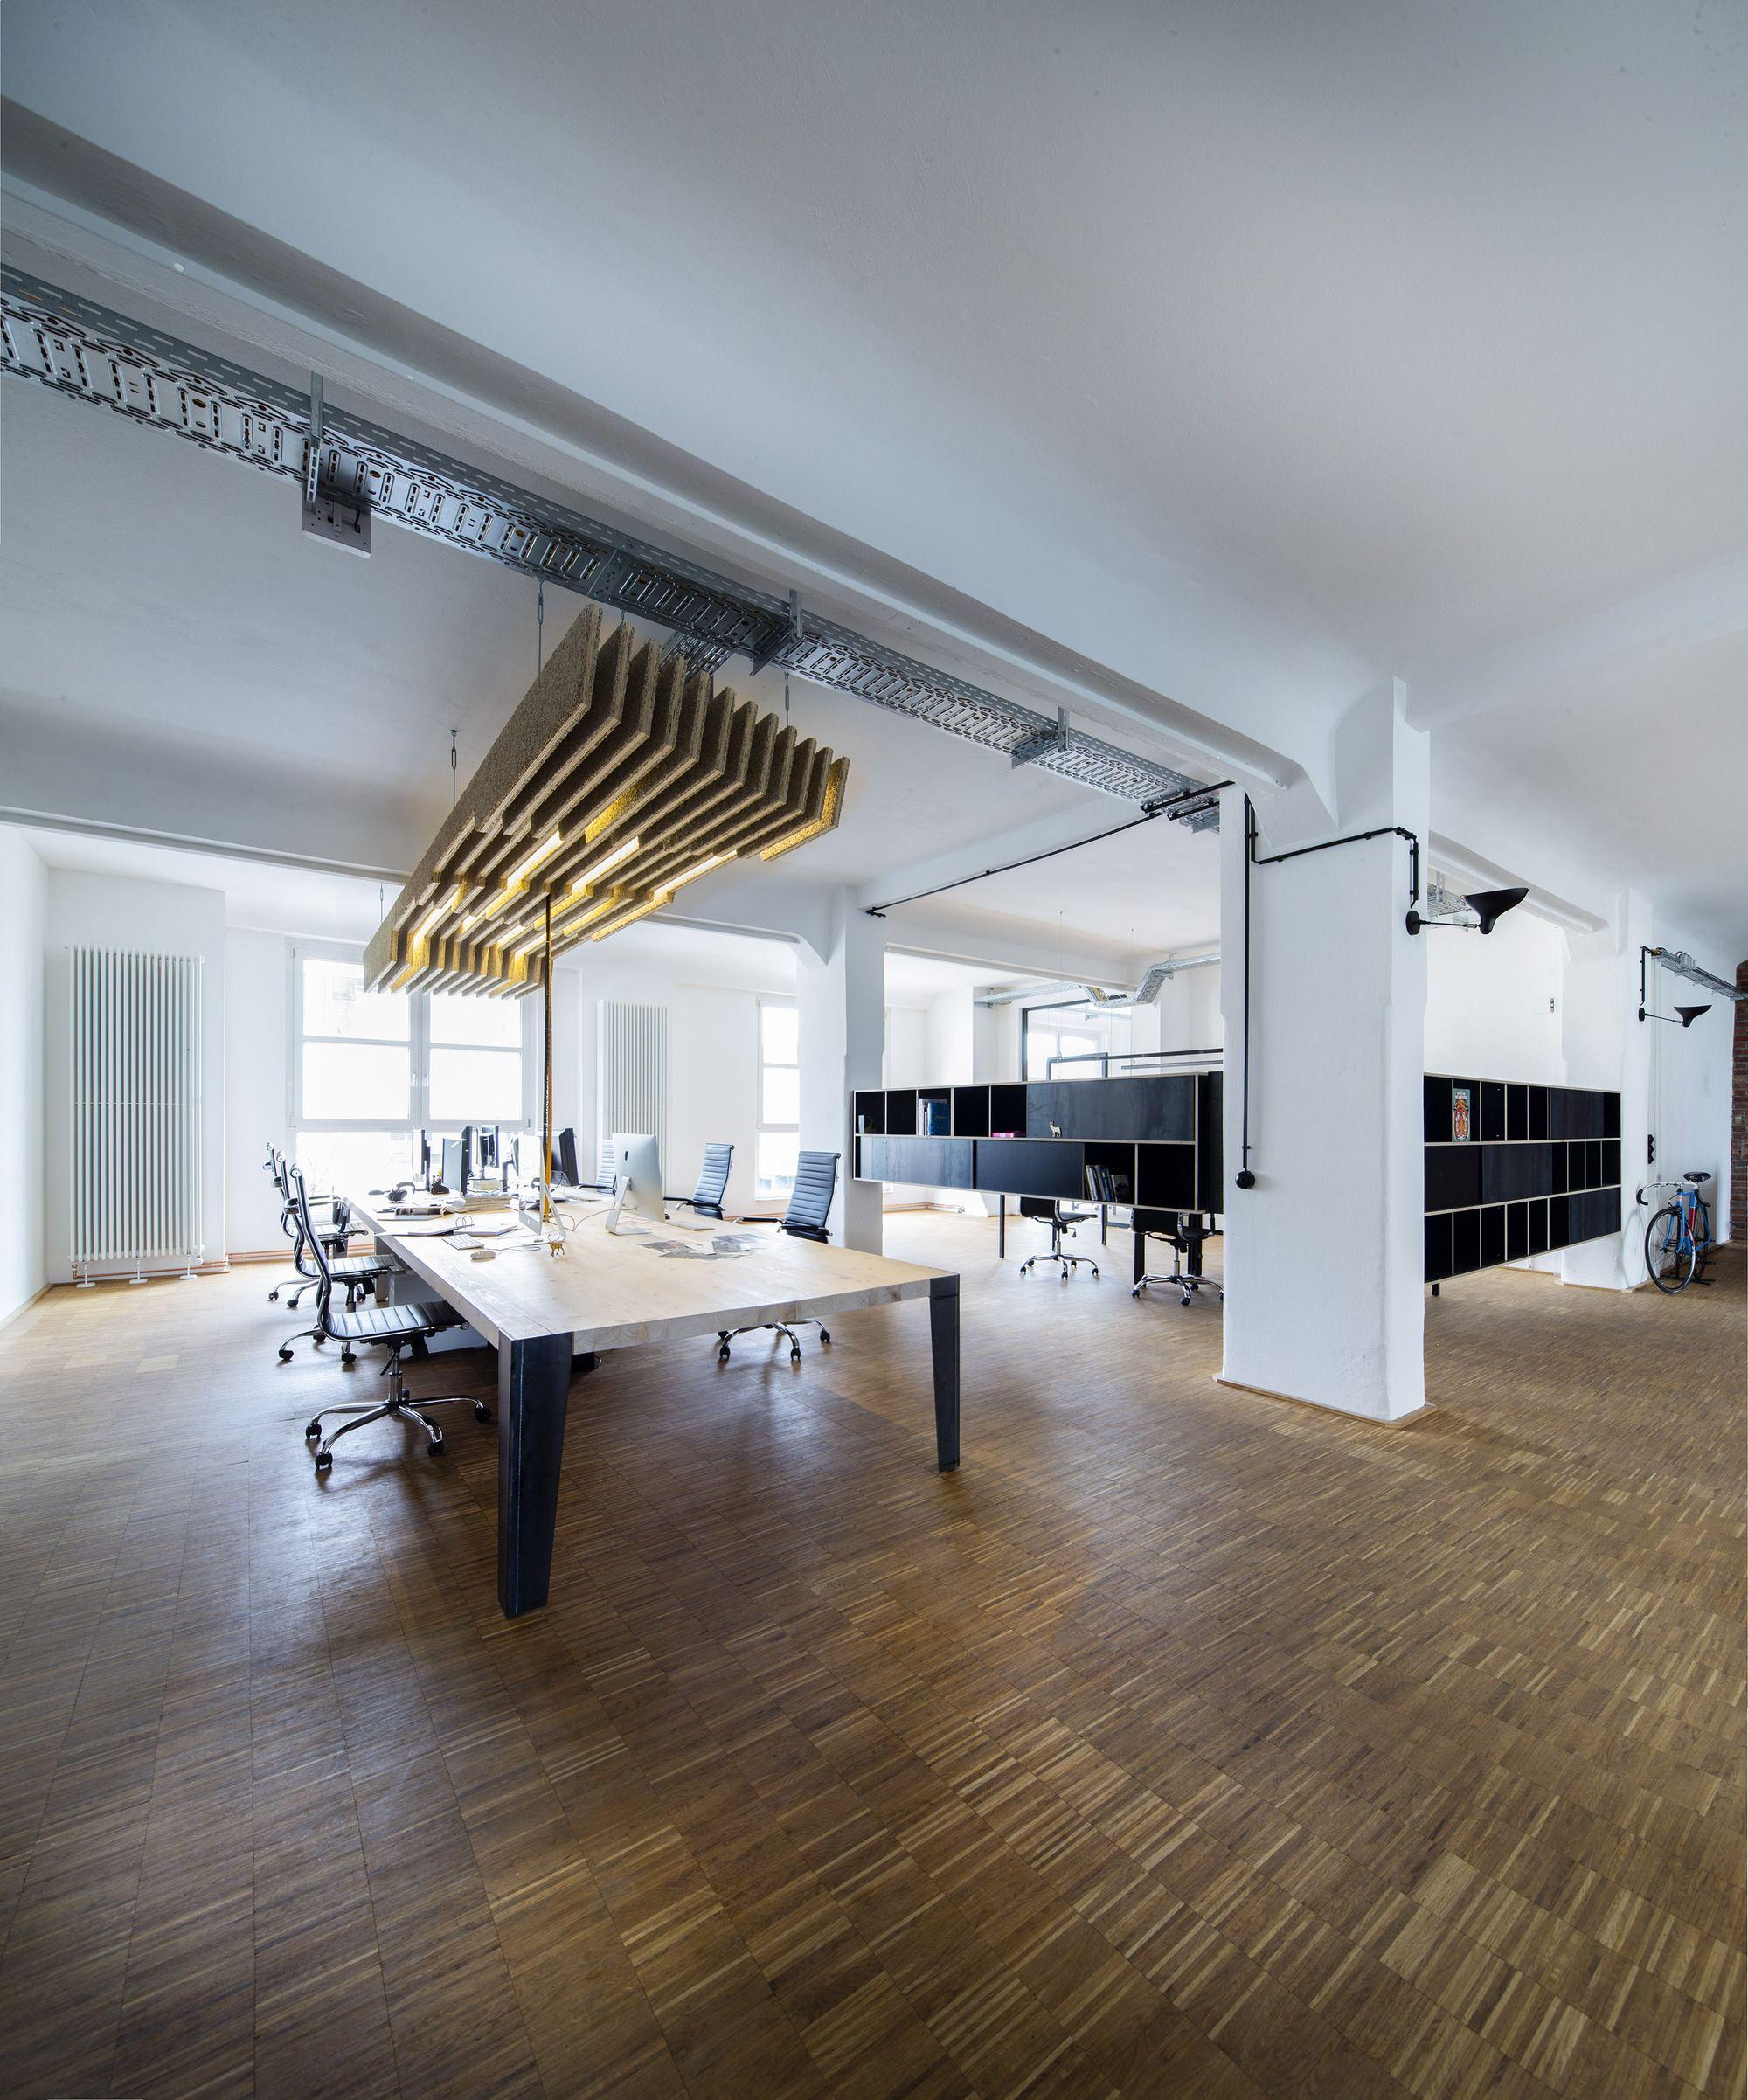 Hirsch Architekten gallery of zum goldenen hirschen office extension schöne räume